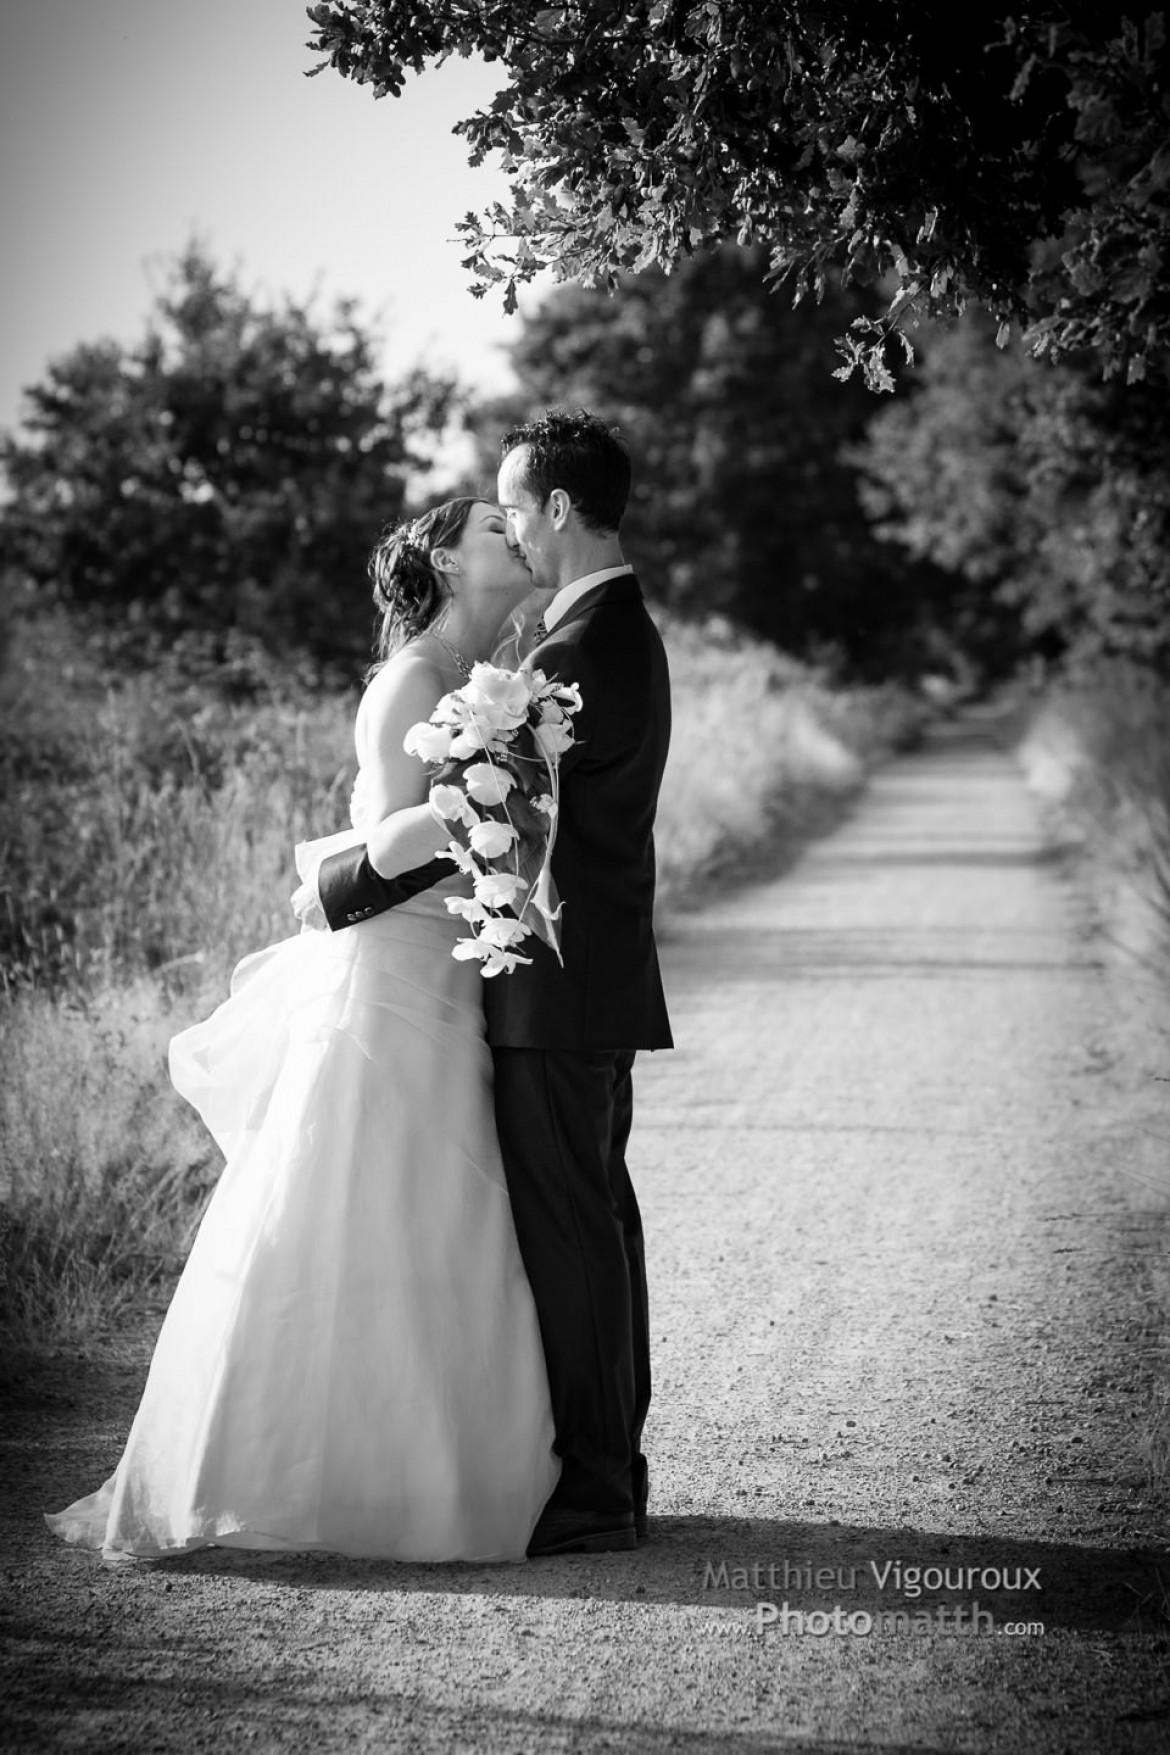 Mariage | Couple s'embrassant sur le chemin | NB